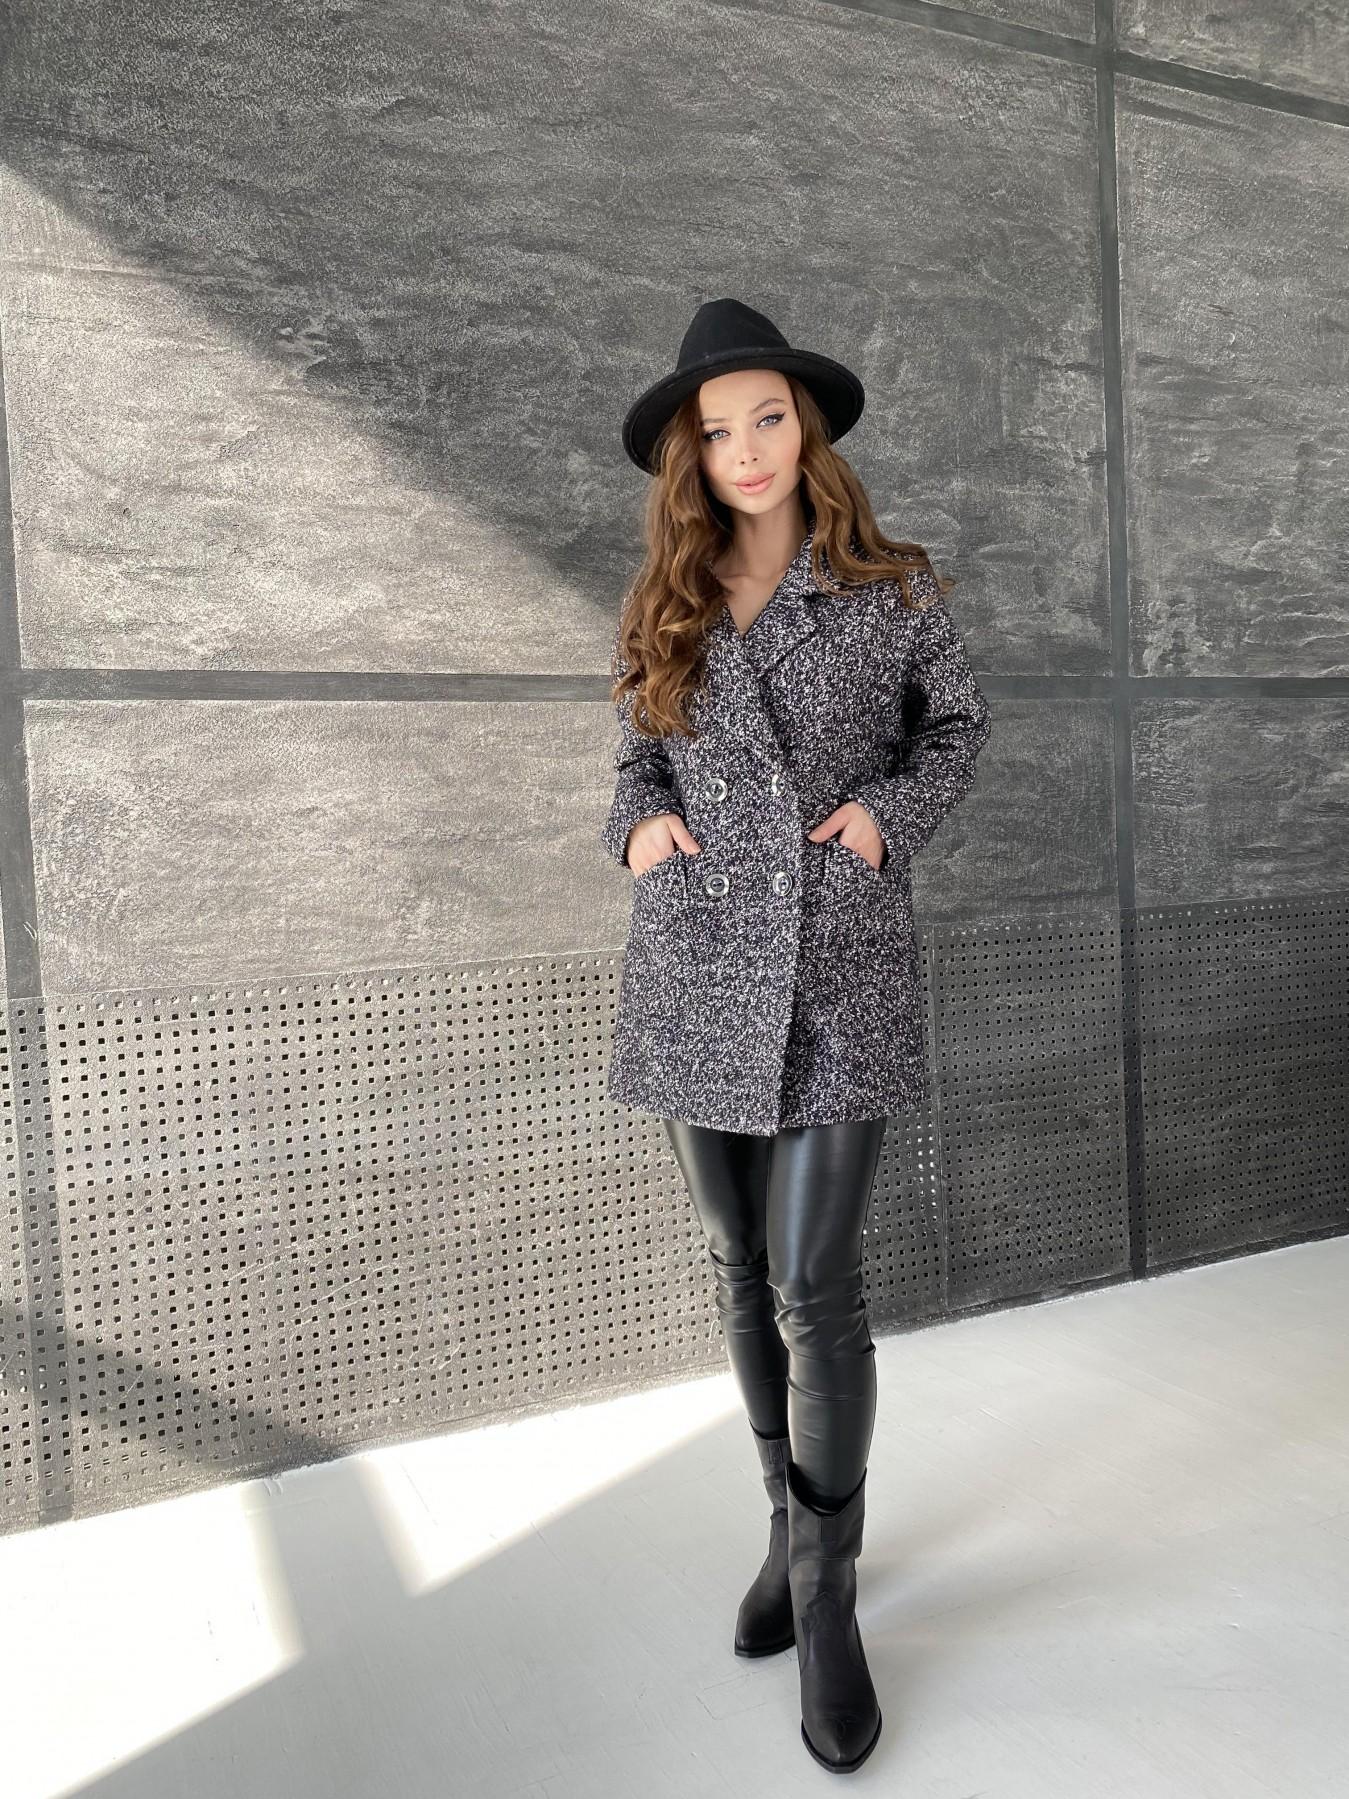 Бонд пальто из шерсти букле  10770 АРТ. 47197 Цвет: Черно серый 61 - фото 3, интернет магазин tm-modus.ru